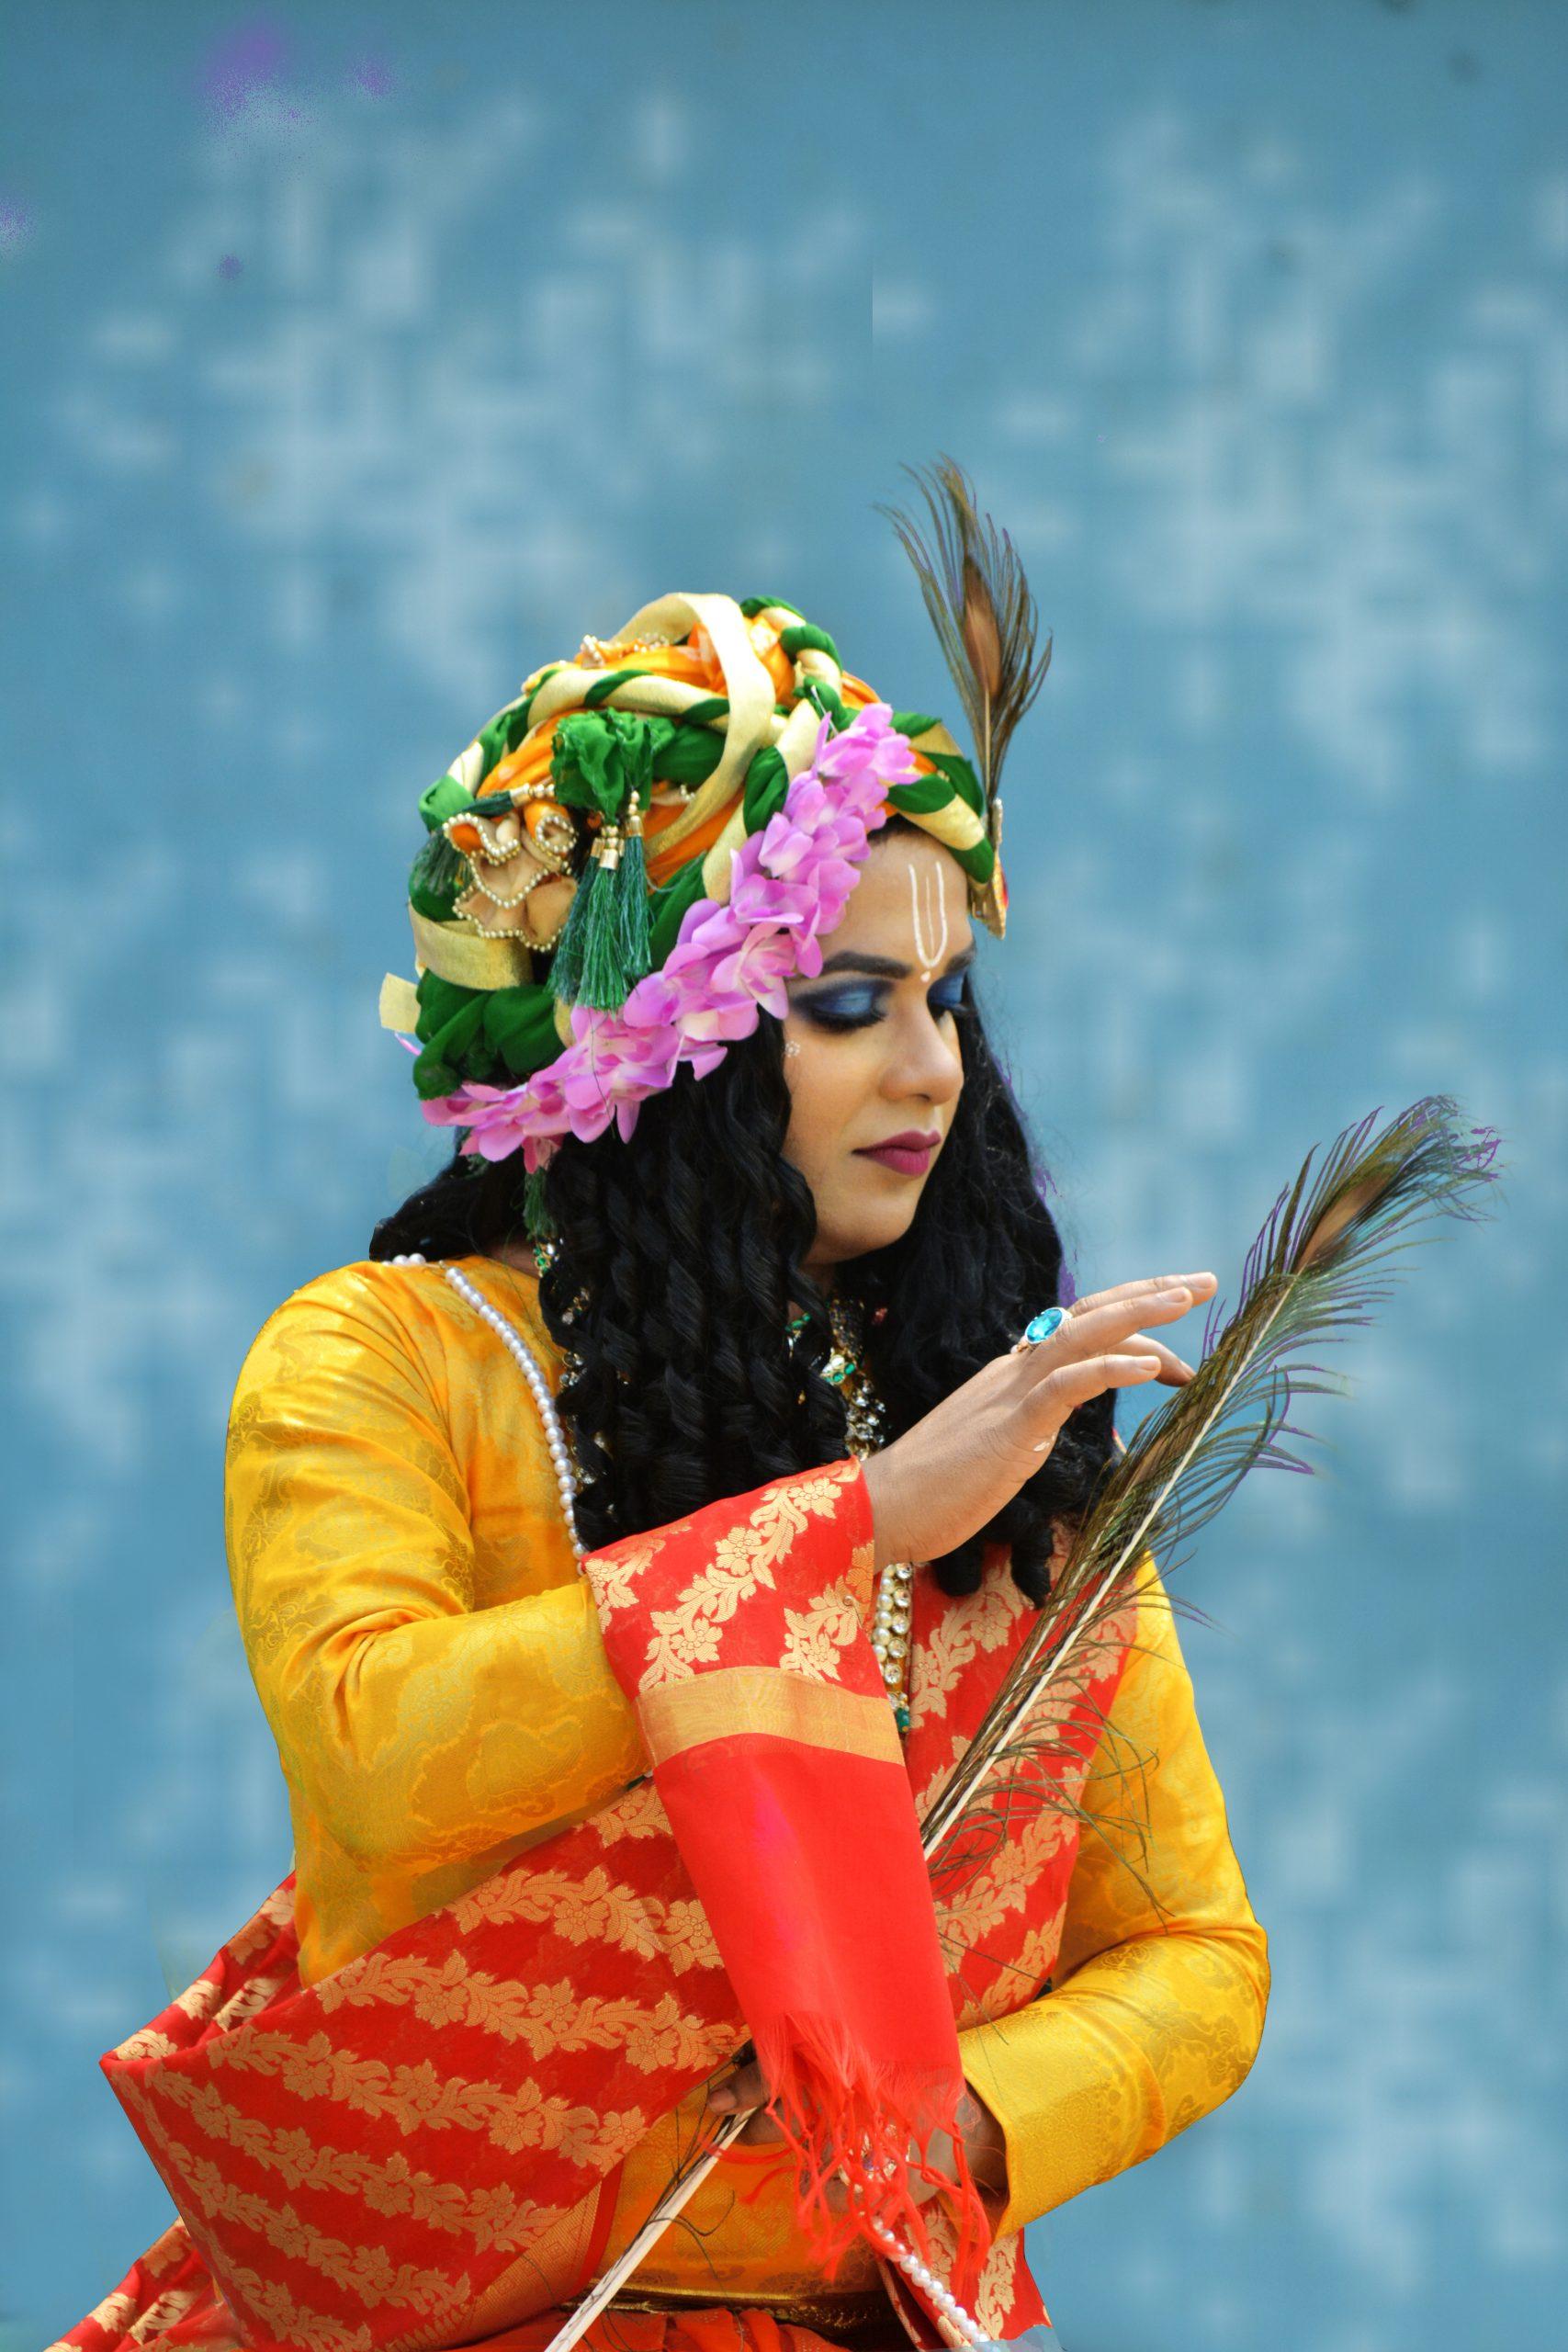 A girl in Krishna costume